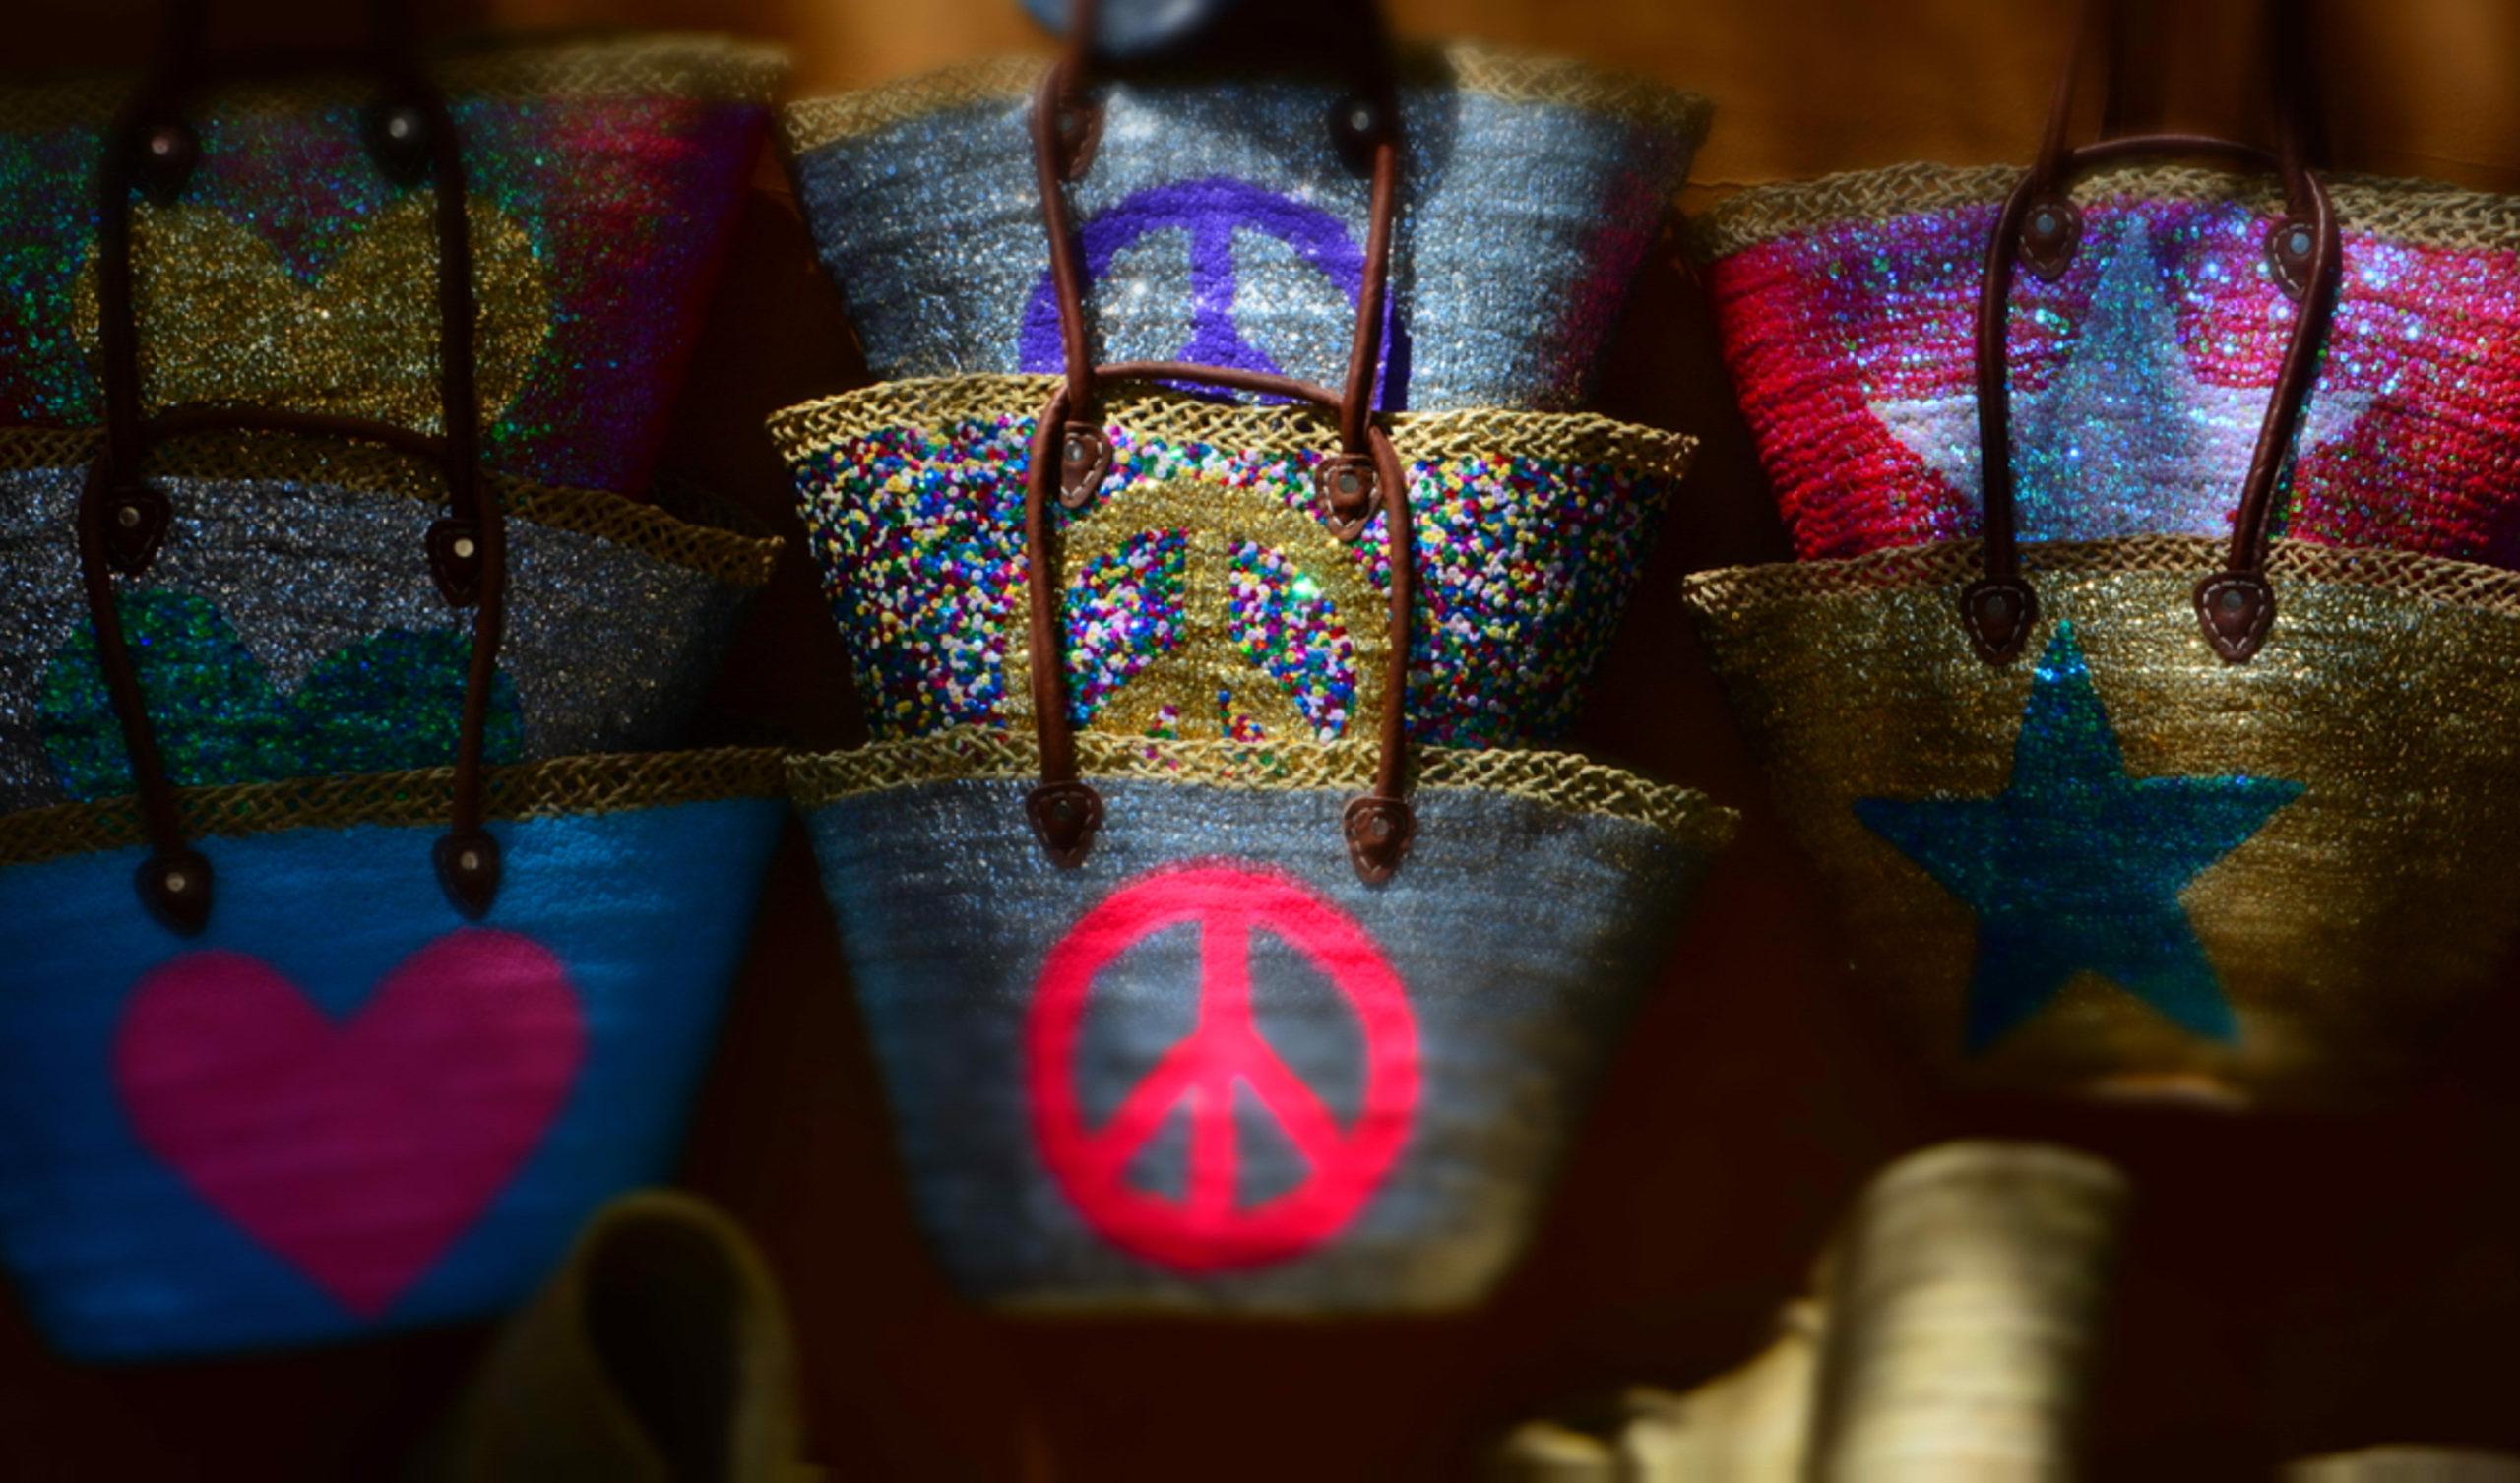 Liebe und Frieden als Taschenmotiv auf Ibiza